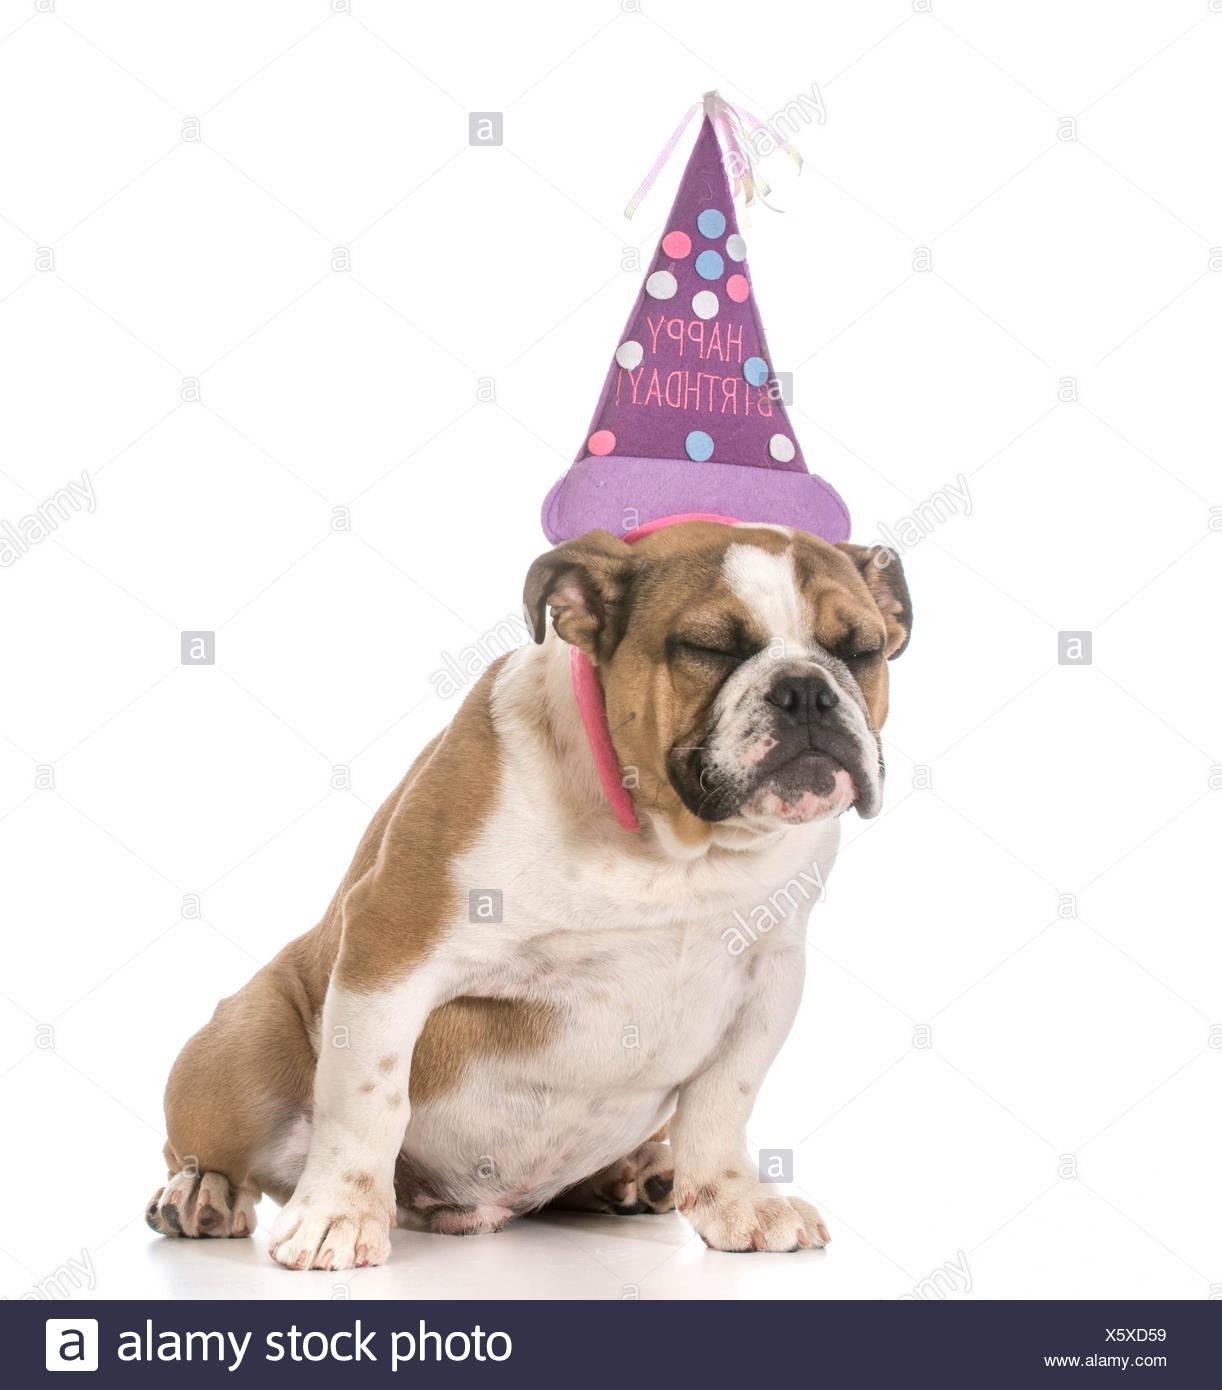 Geburtstag Hund Englische Bulldogge Tragt Geburtstag Stirnband Auf